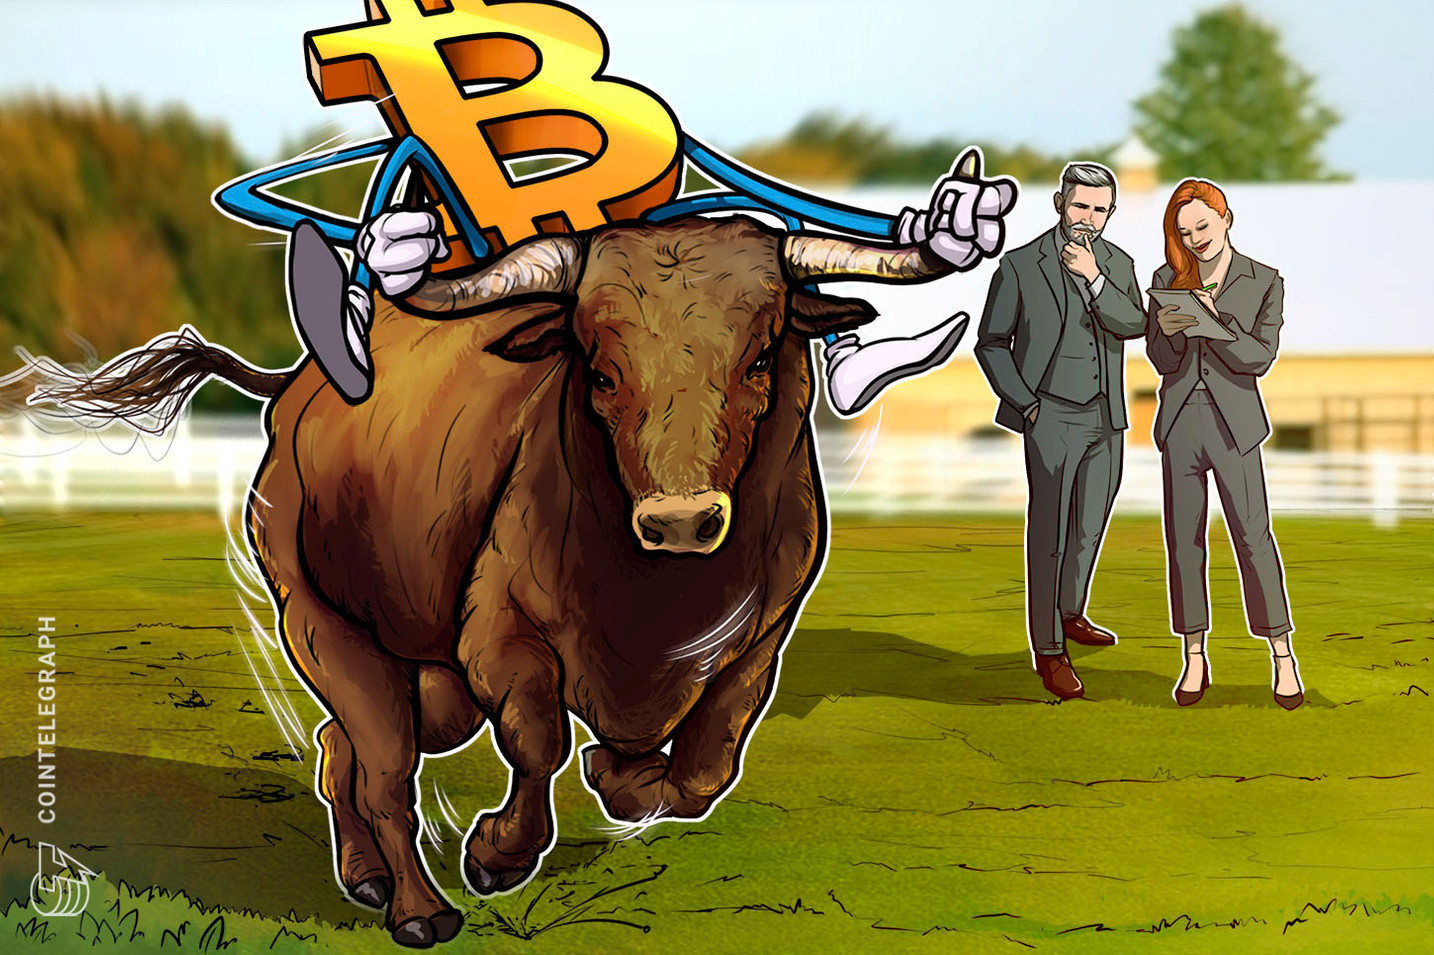 Grayscale könnte nächste Phase des Bitcoin-Laufs auslösen